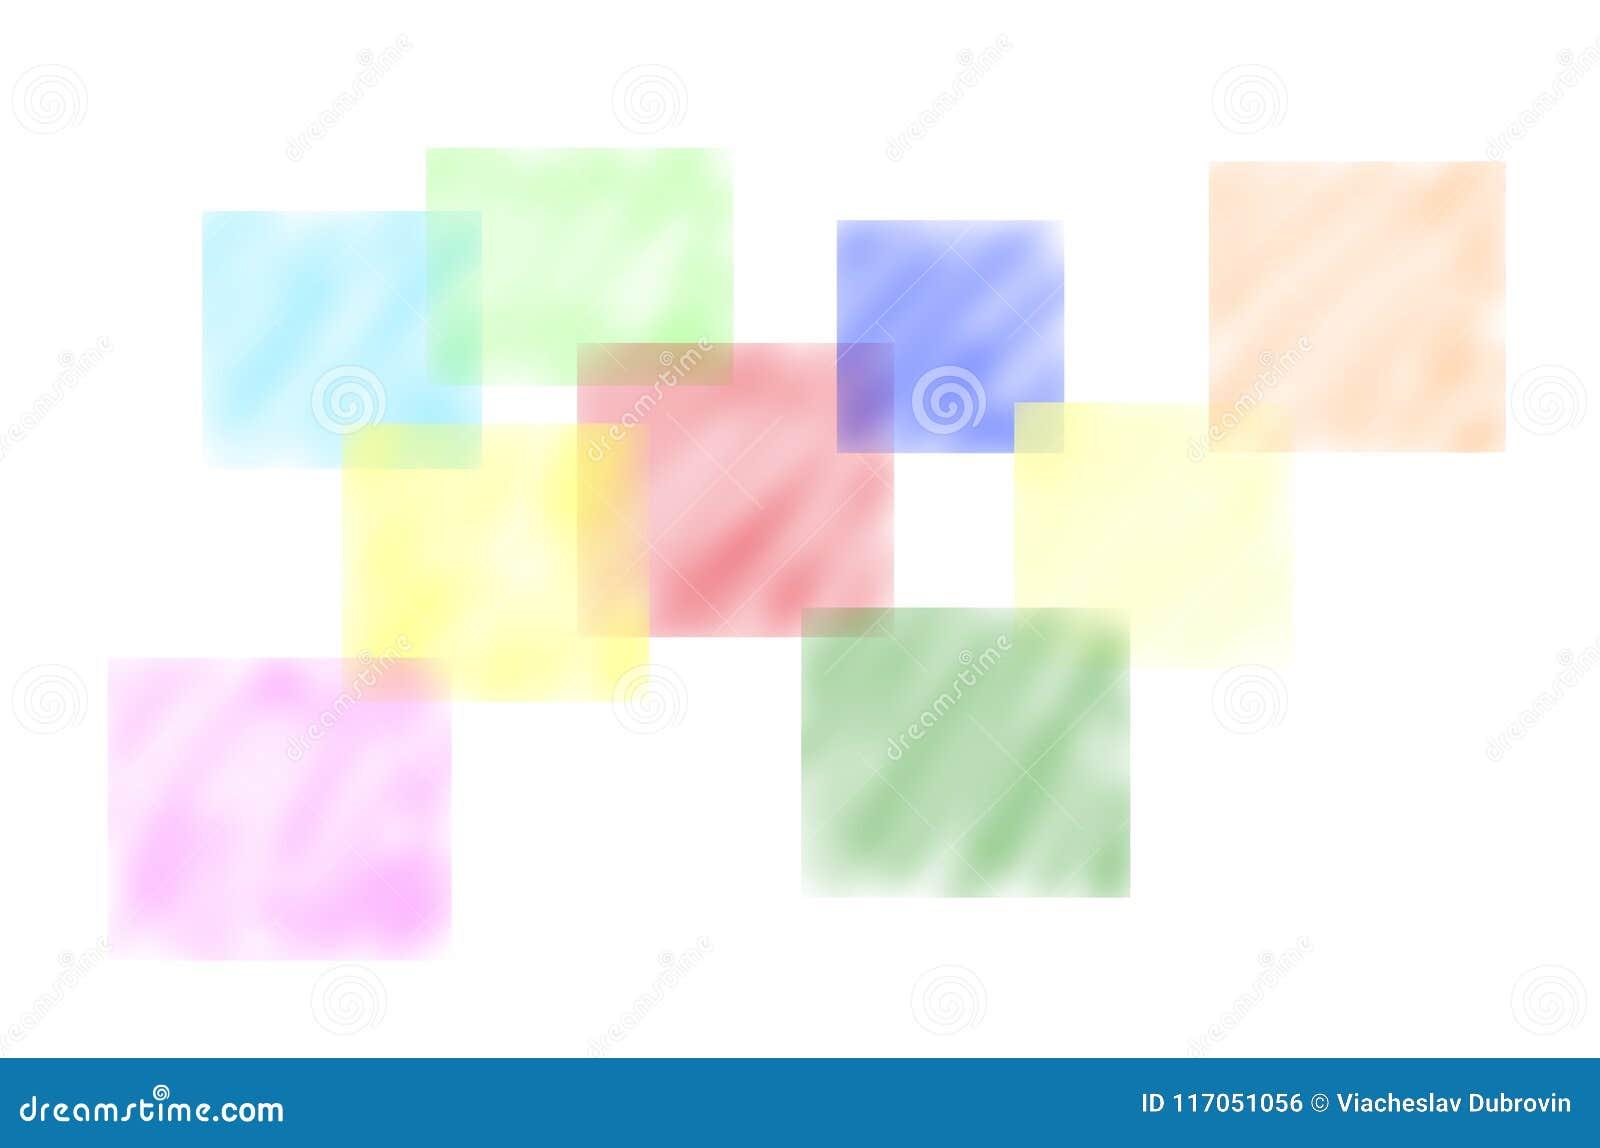 Fondo Azul Metálico Abstracto De Diseño Moderno De La: Fondo En Colores Pastel Geométrico Abstracto Contexto